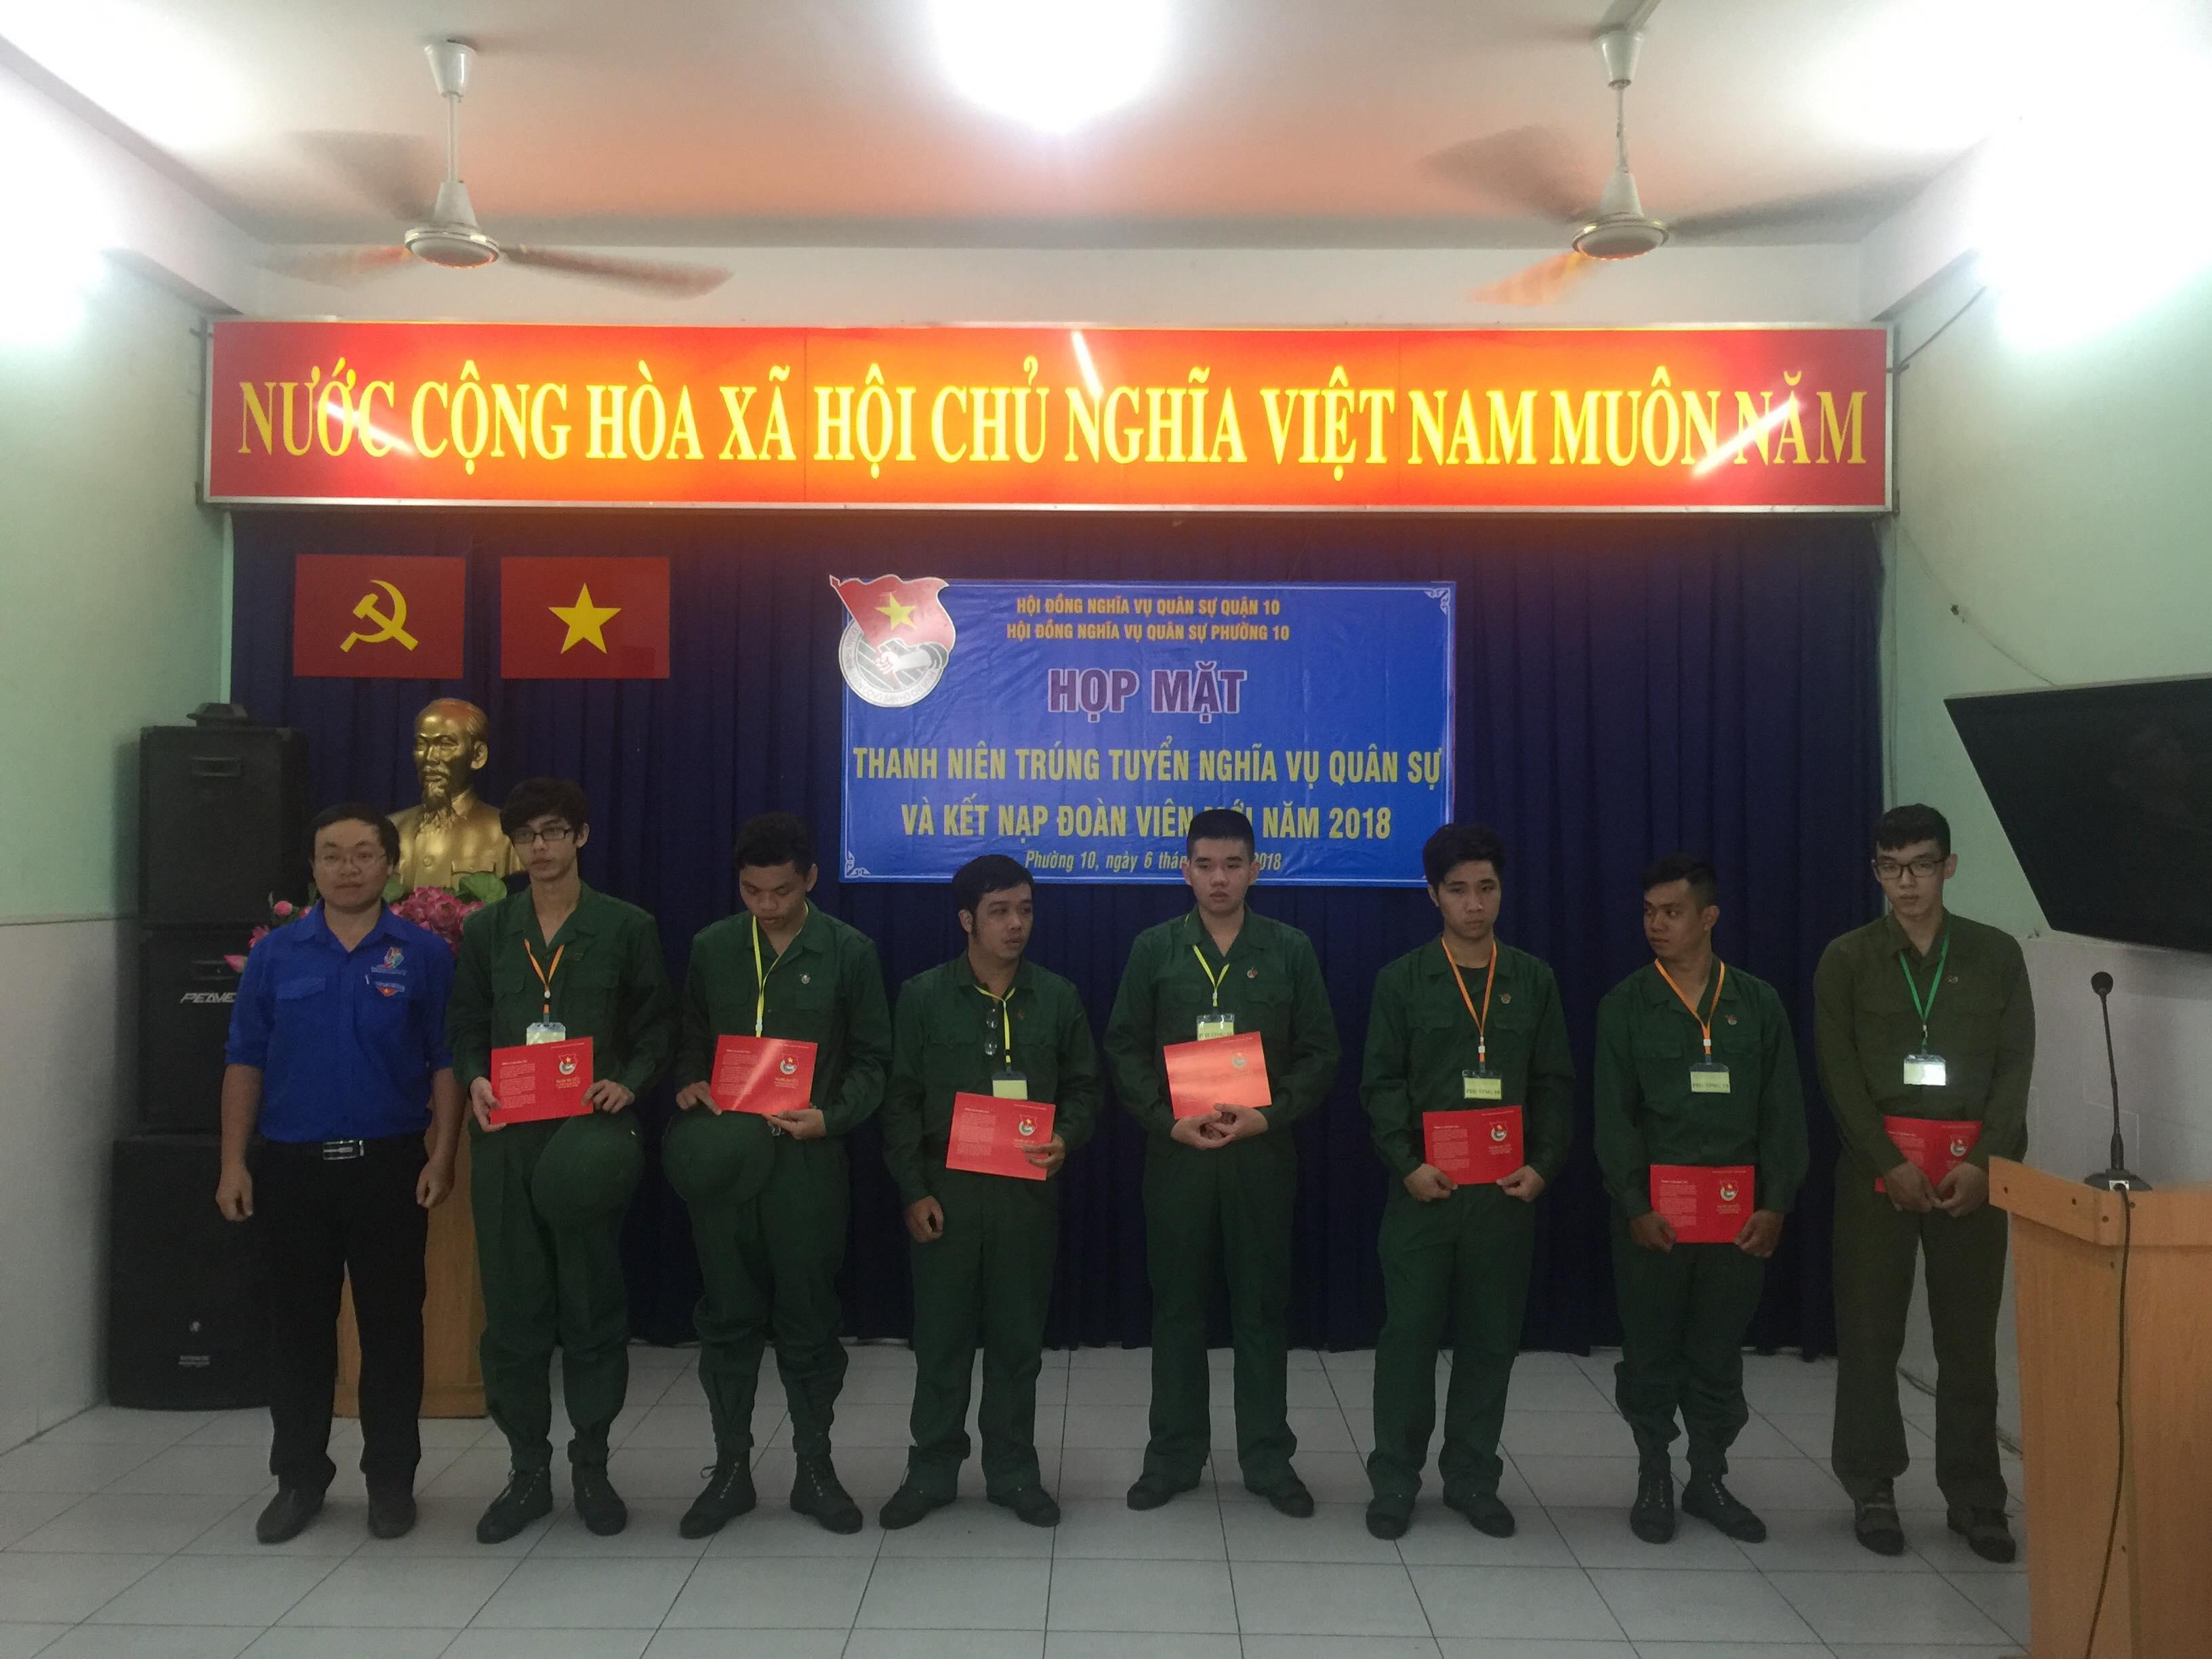 Phường 10 tổ chức lễ kết nạp Đoàn viên mới và họp mặt thanh niên trúng tuyển nghĩa vụ quân sự năm 2018